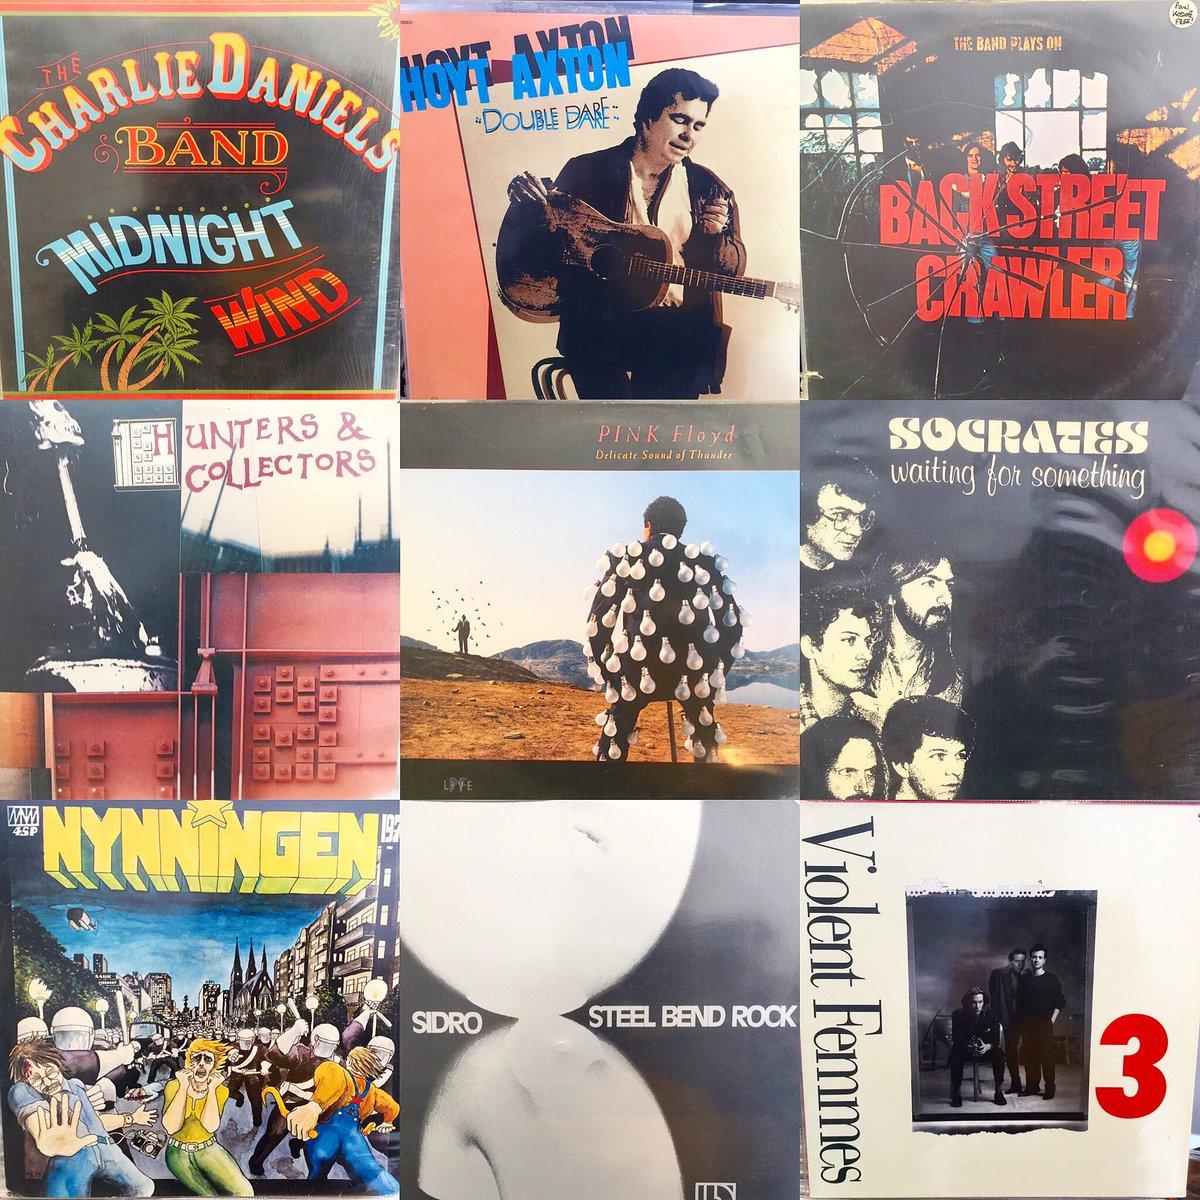 Tisdagens #vinylbukett av nyinkomna skivor Järnvägsgatan 8 Ängelholm tis, ons, tor, fre 12-18 lör 10-14 sön kl 12-15 Alltid nyinkommet! #vinyl #electricmudrecords #recordcollector #vinylrecords #vinylcommunity #recordshop #vinyladdict #recordstore #vinylcollector  #ängelholmpic.twitter.com/ps5W4XkgGH